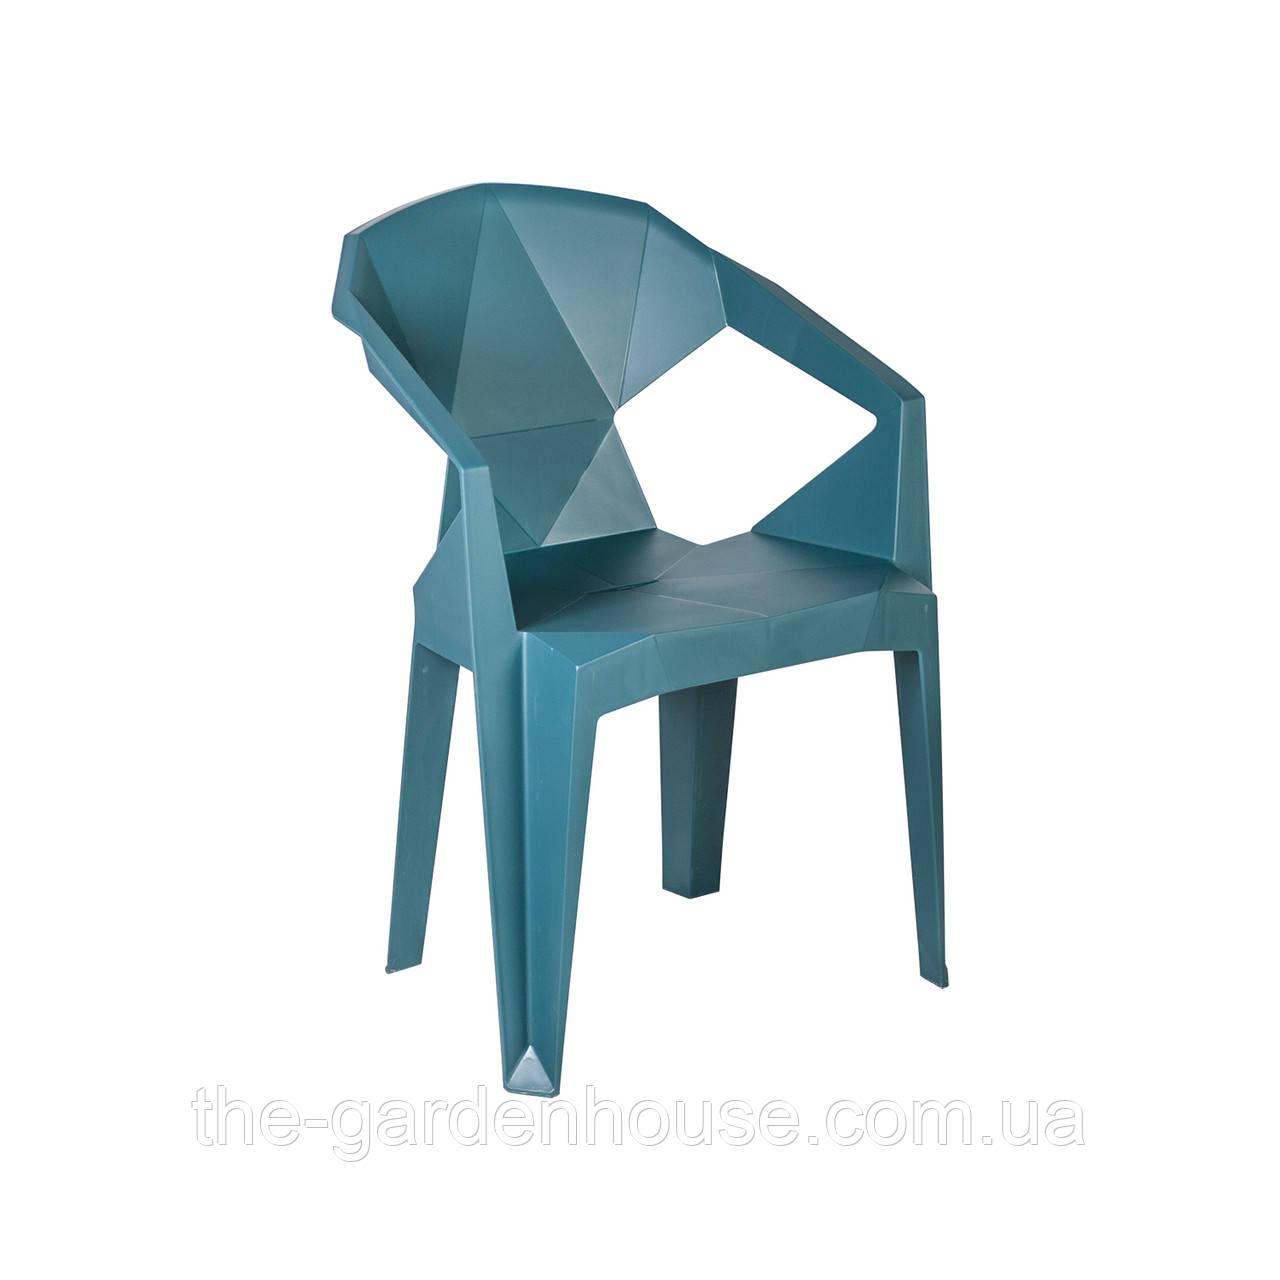 Пластиковый стул с подлокотниками Muze синий